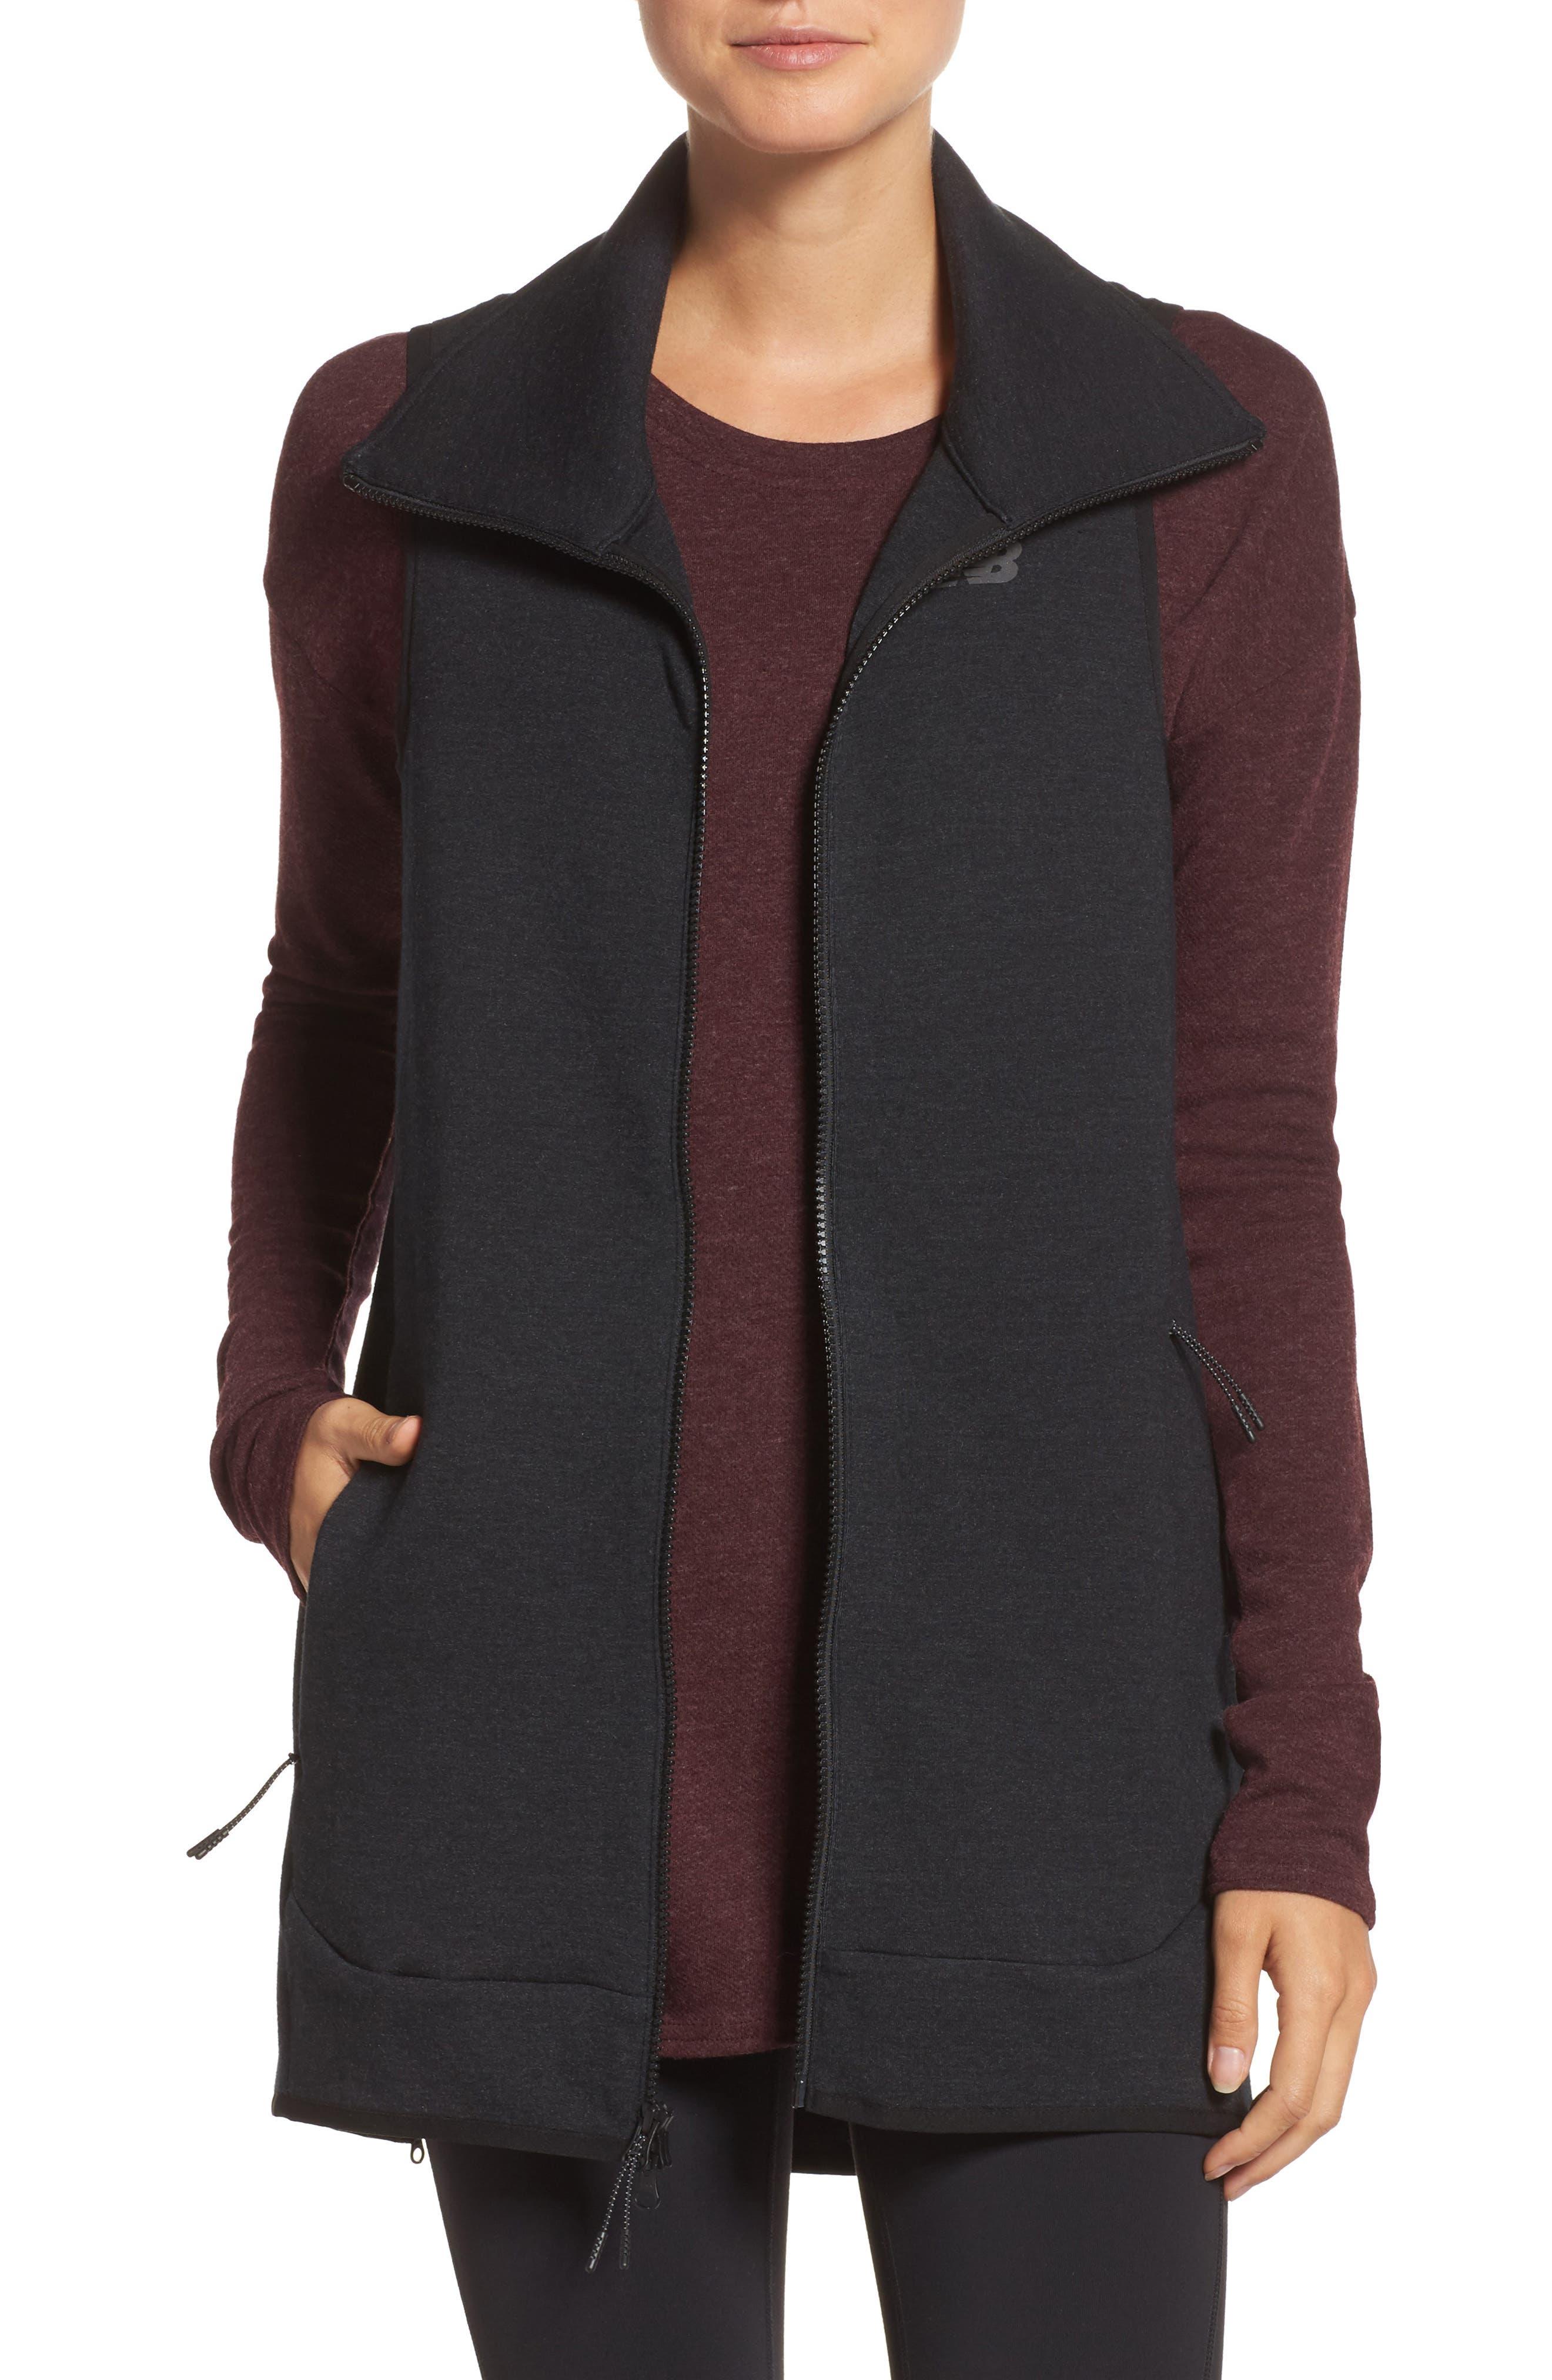 24/7 Luxe Vest,                             Main thumbnail 1, color,                             Bk